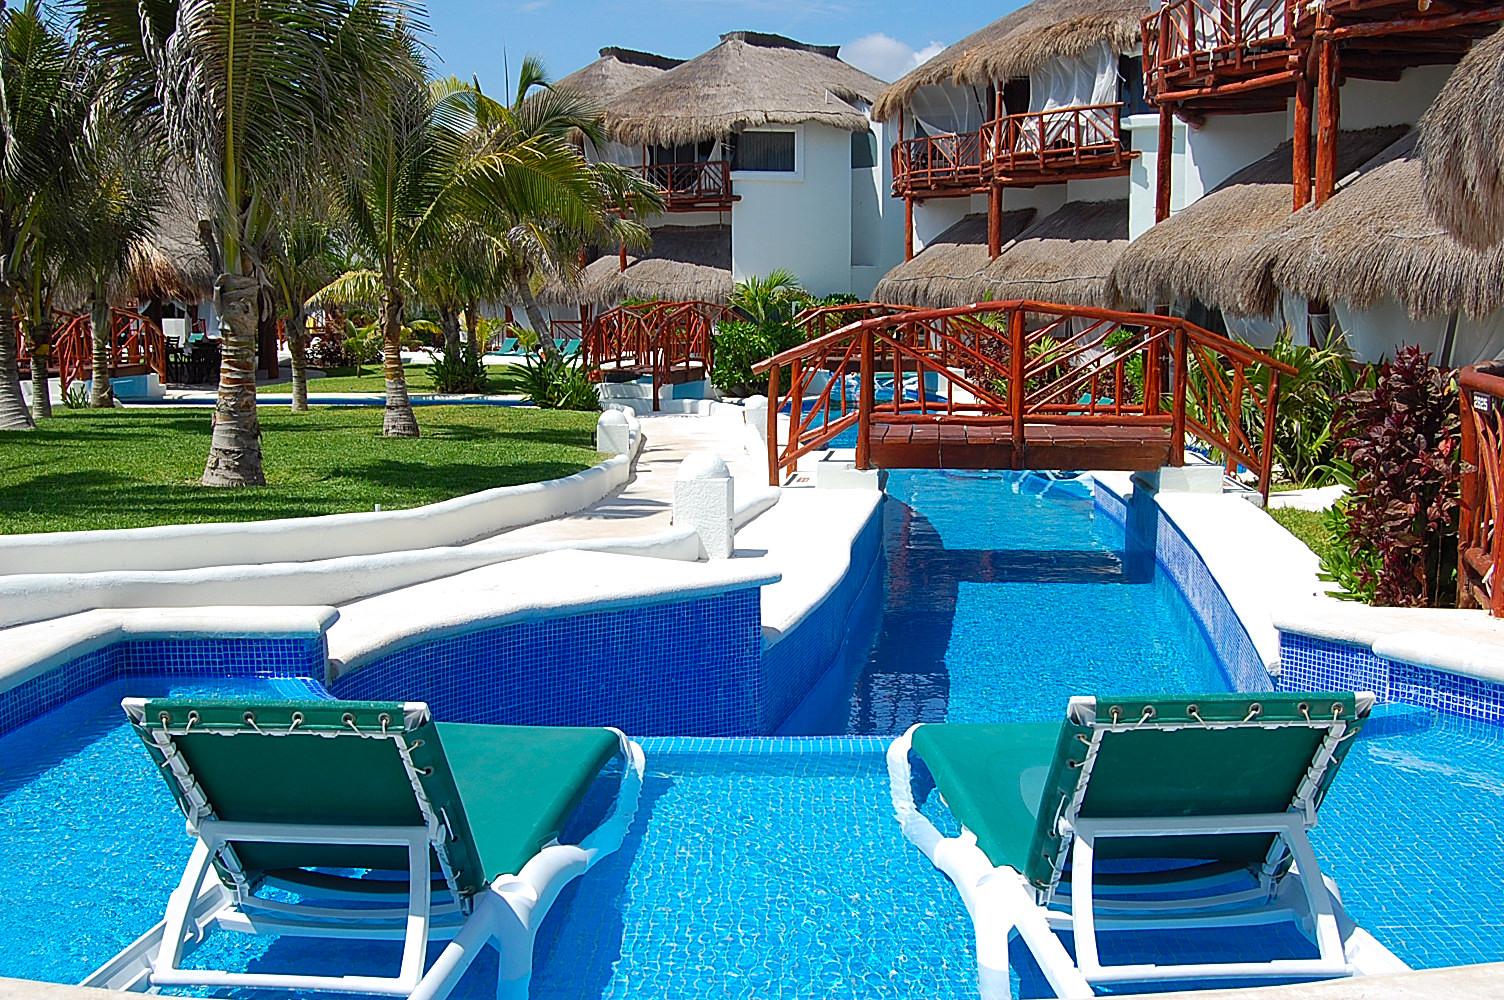 El Dorado Casitas Royale Resort And Spa